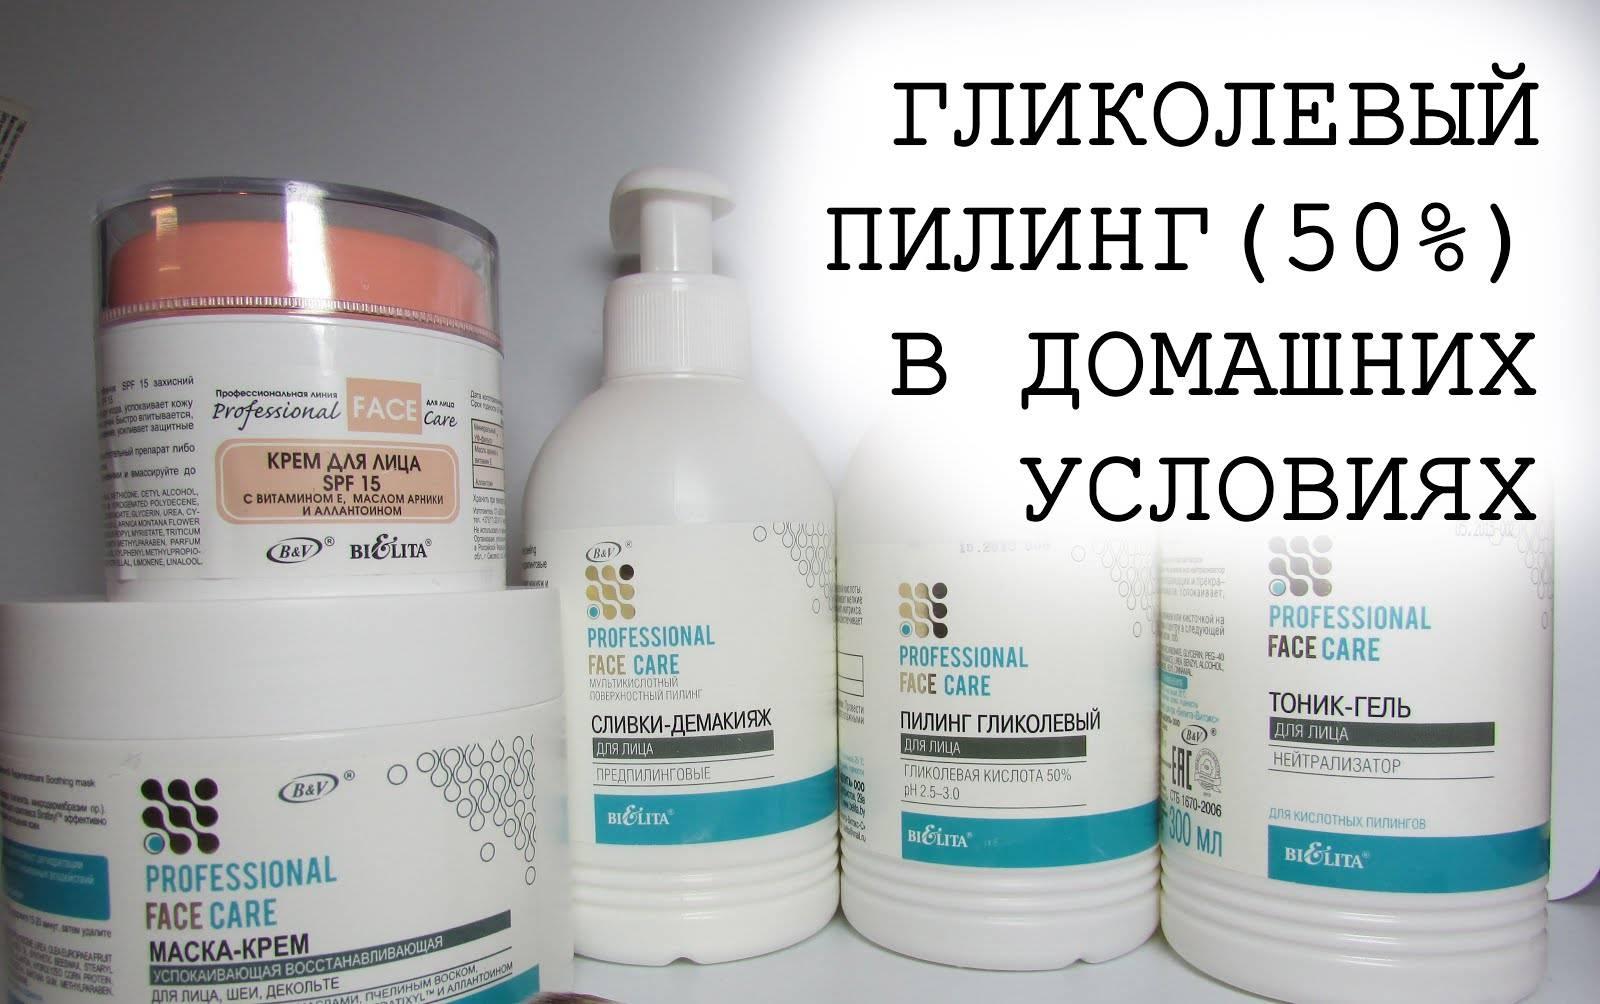 Делаем химические пилинги лица в домашних условиях без ошибок